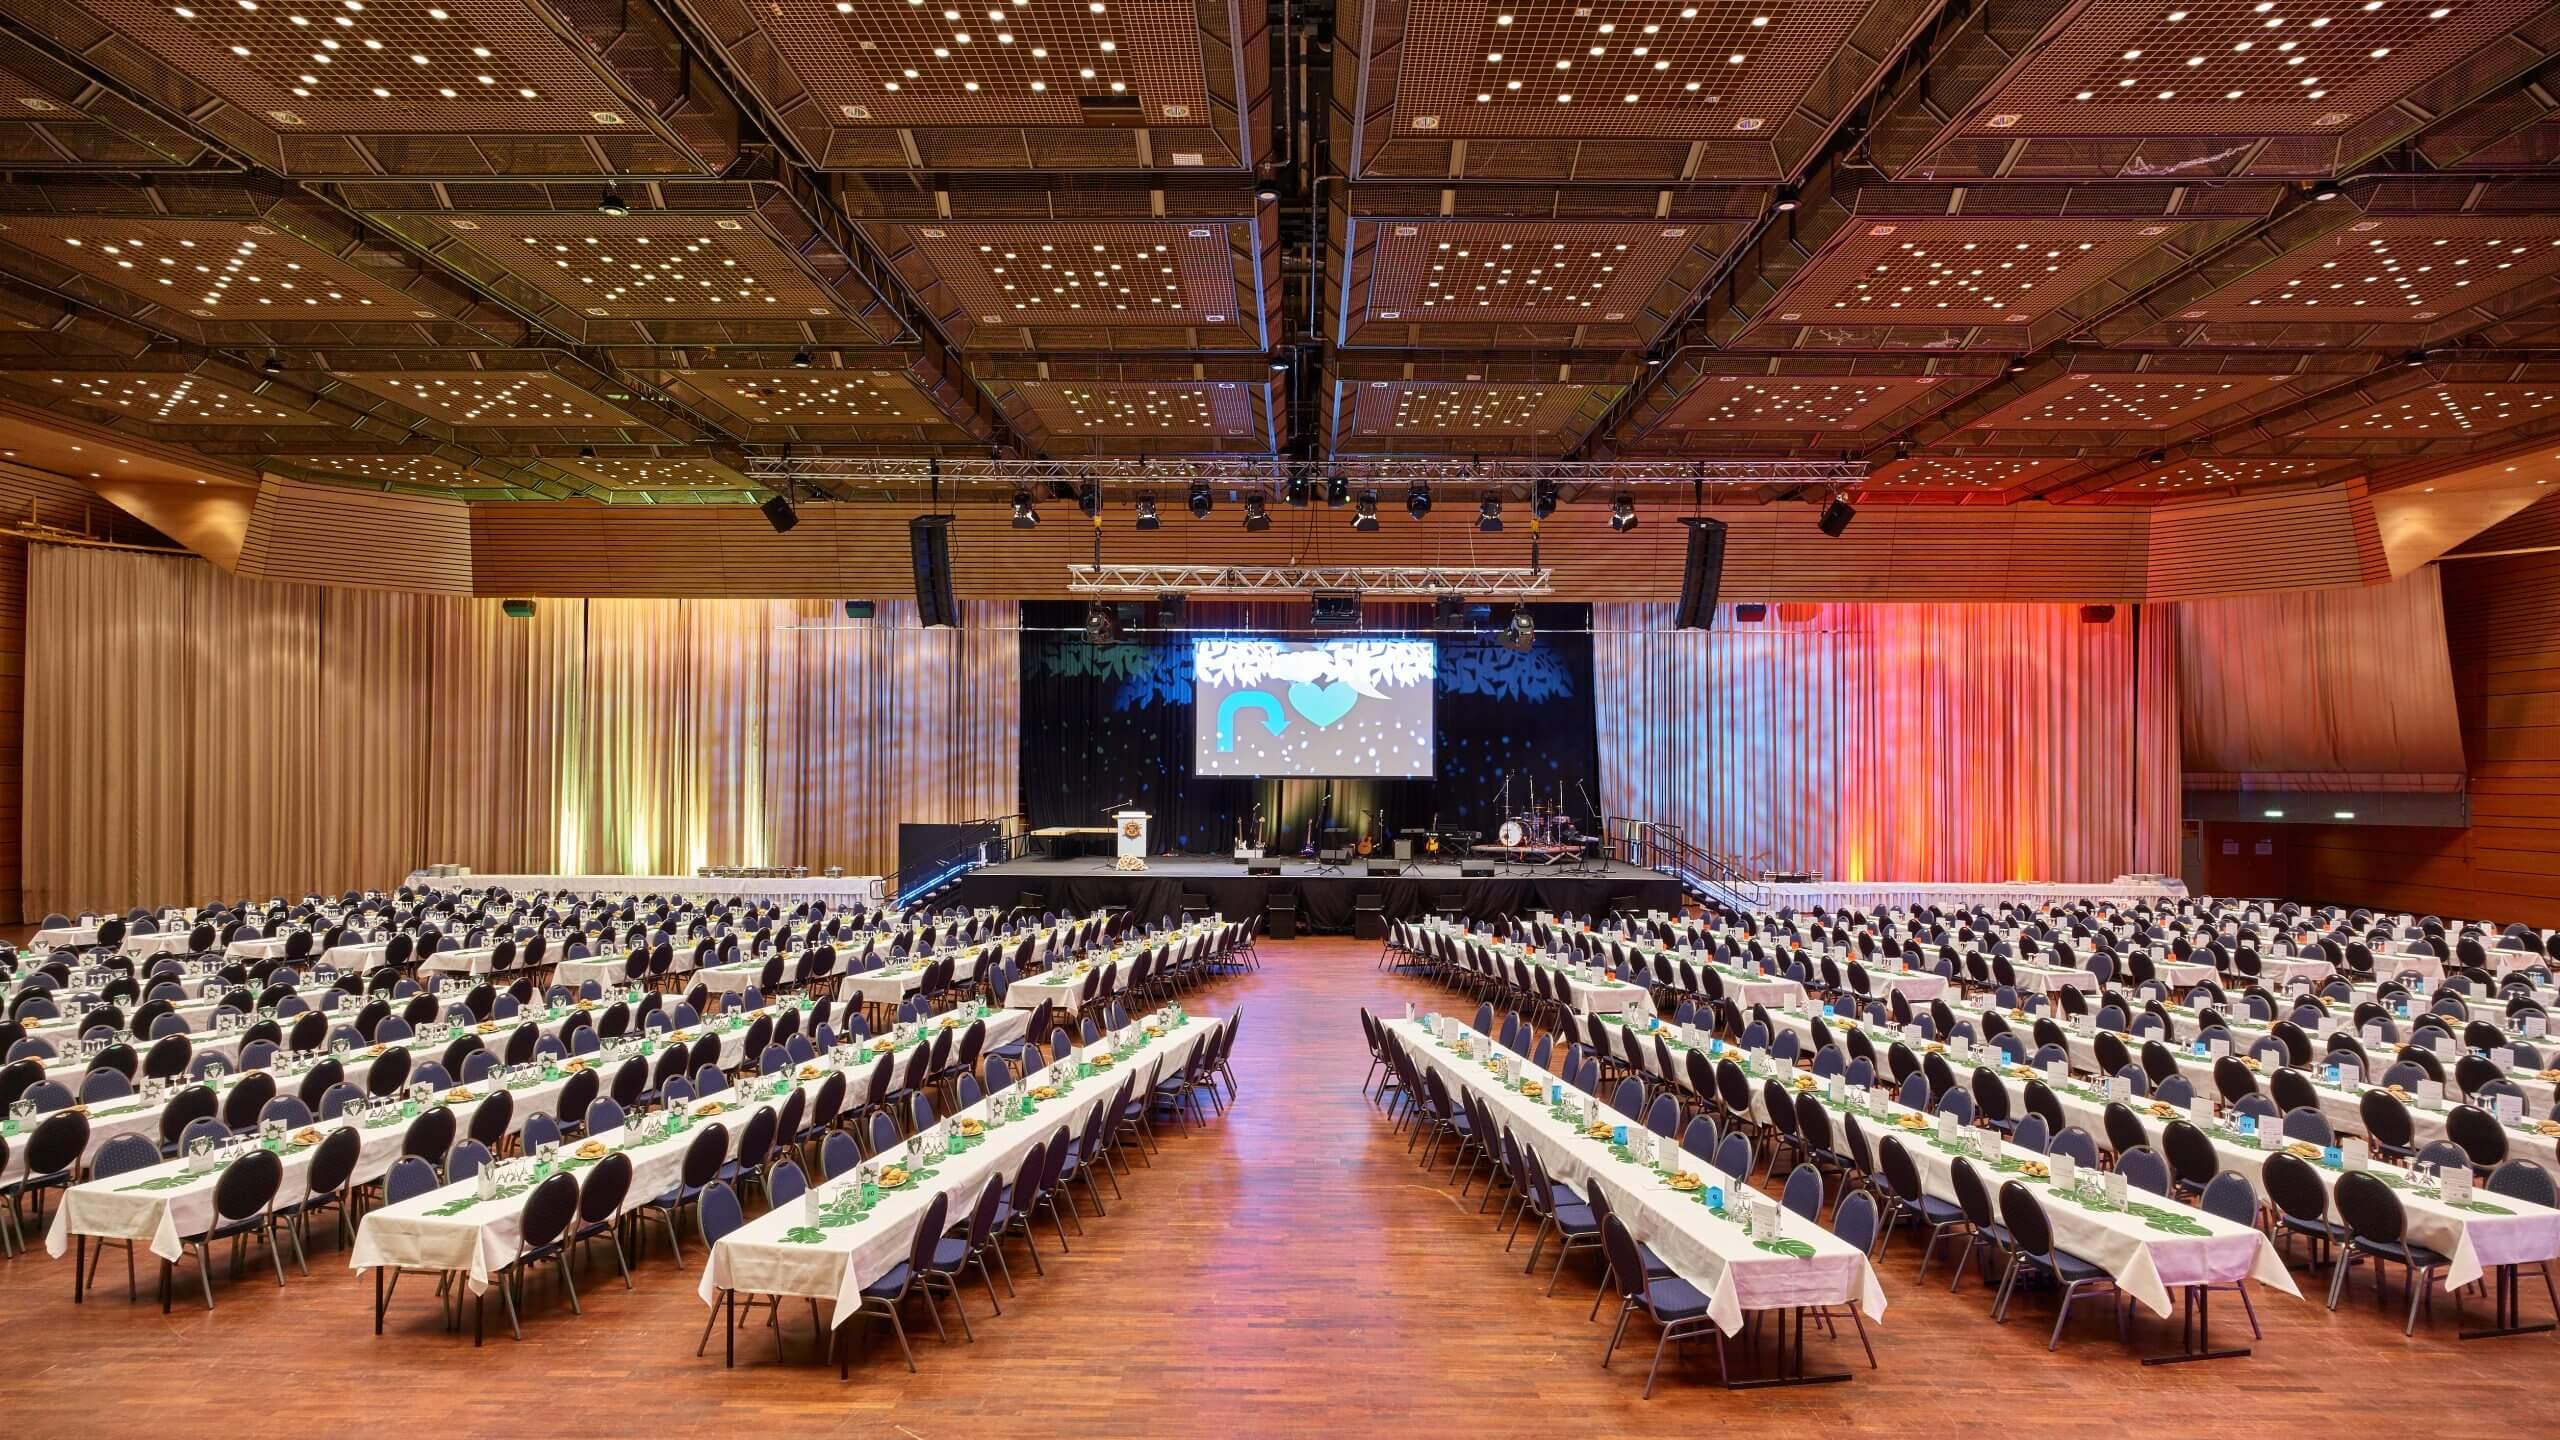 Grosse Halle in der Saarlandhalle mit Bankettbestuhlung im Innenraum bei einem Abiball